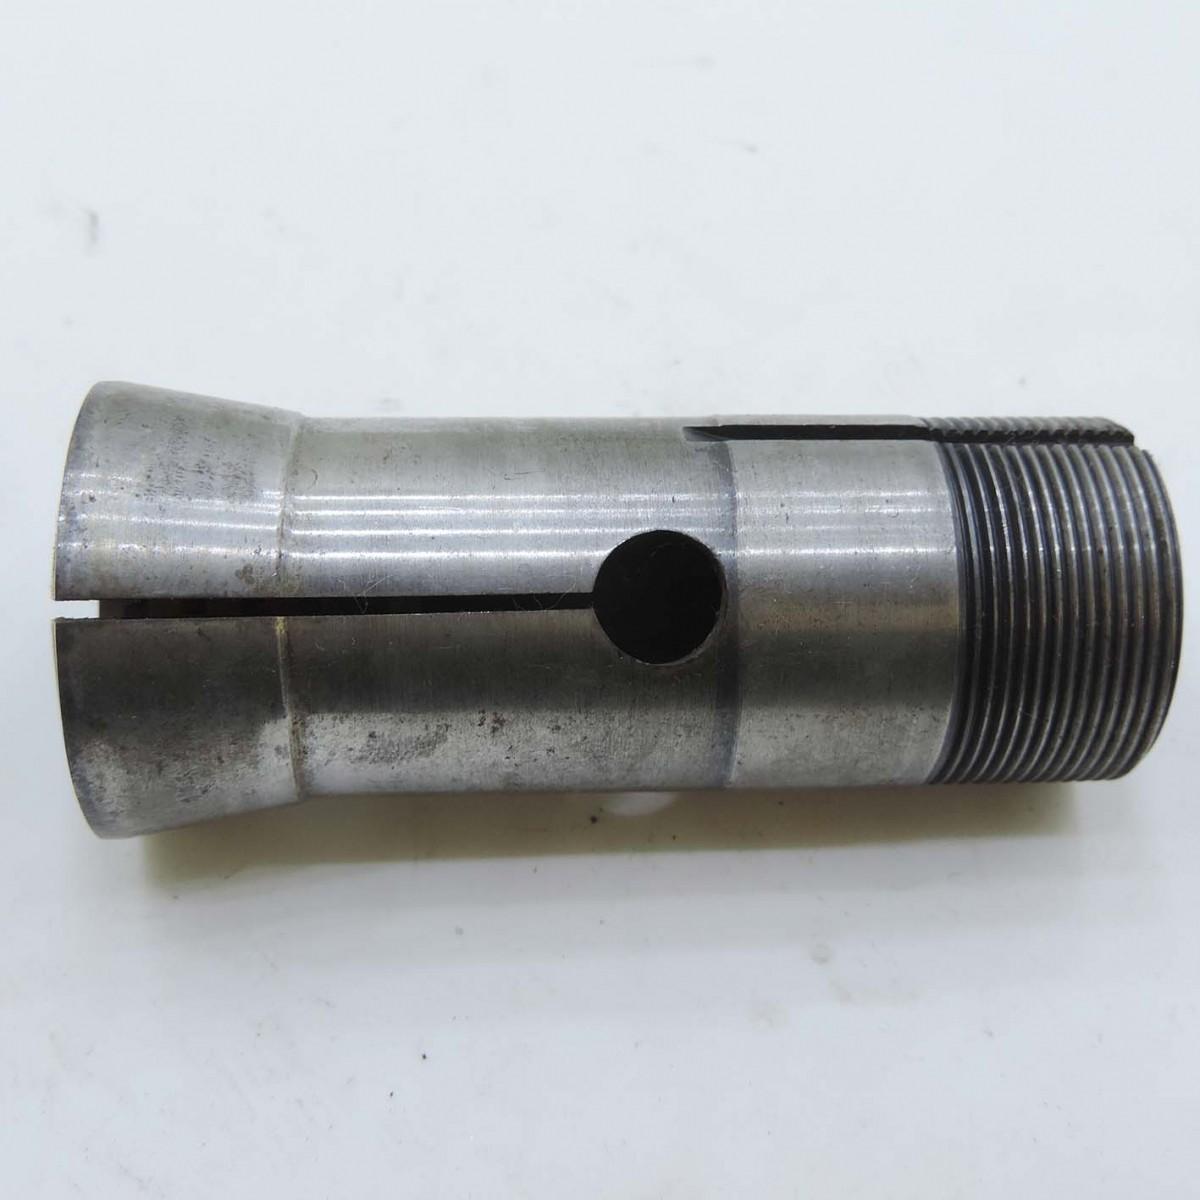 Pinça Avulsa Para Afiadora E Fresadora 16 mm - SC361 - Usada